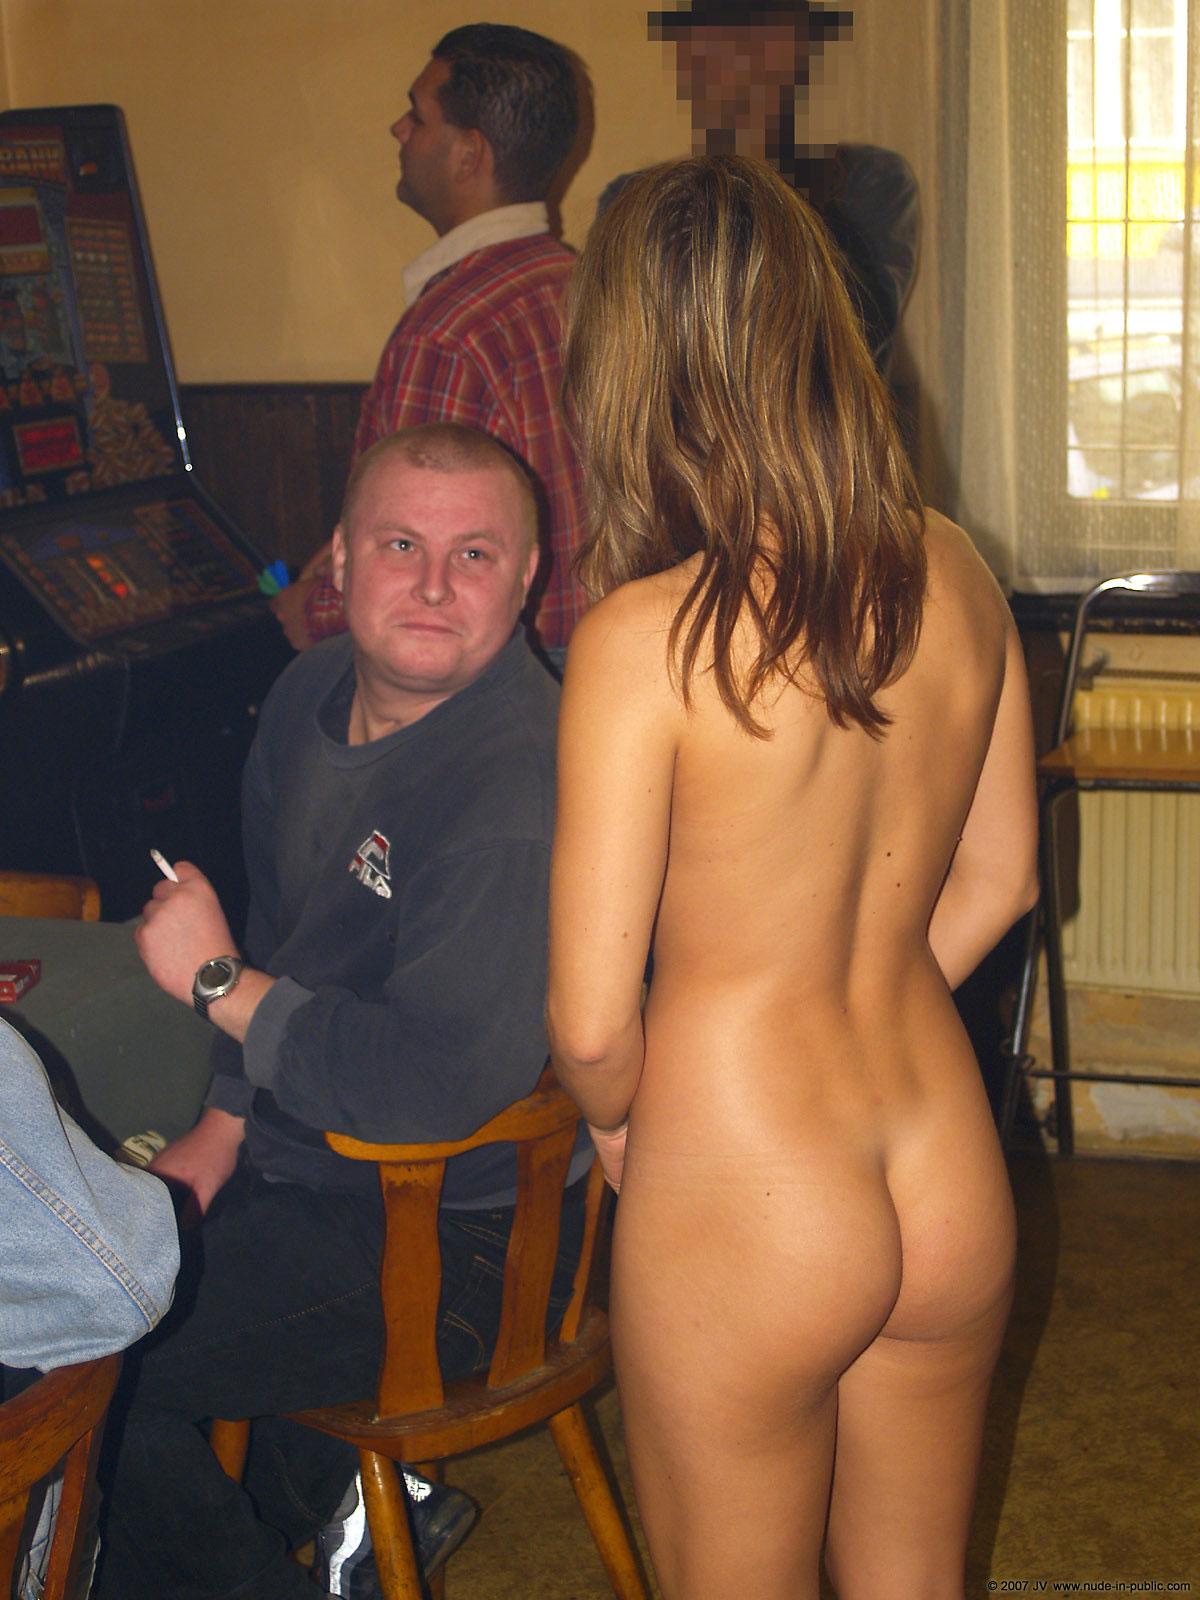 girls at bar naked